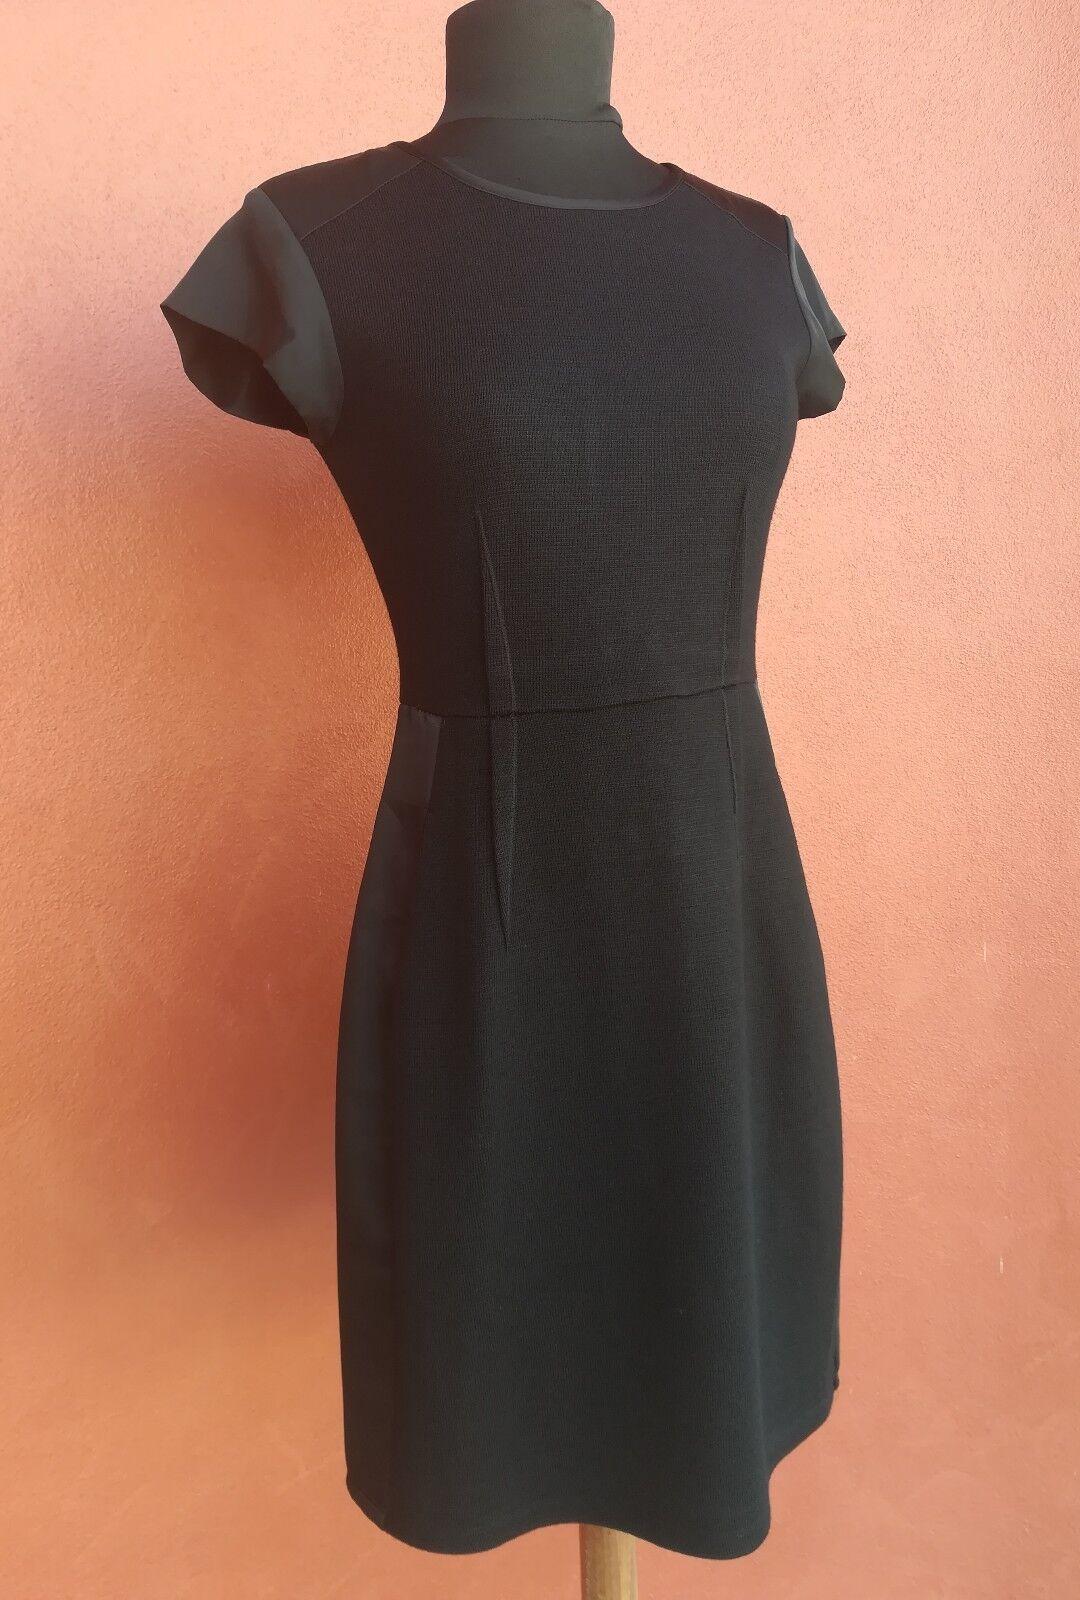 Kleid Marella Wollmischung Schwarz Modell Tallio GR. S